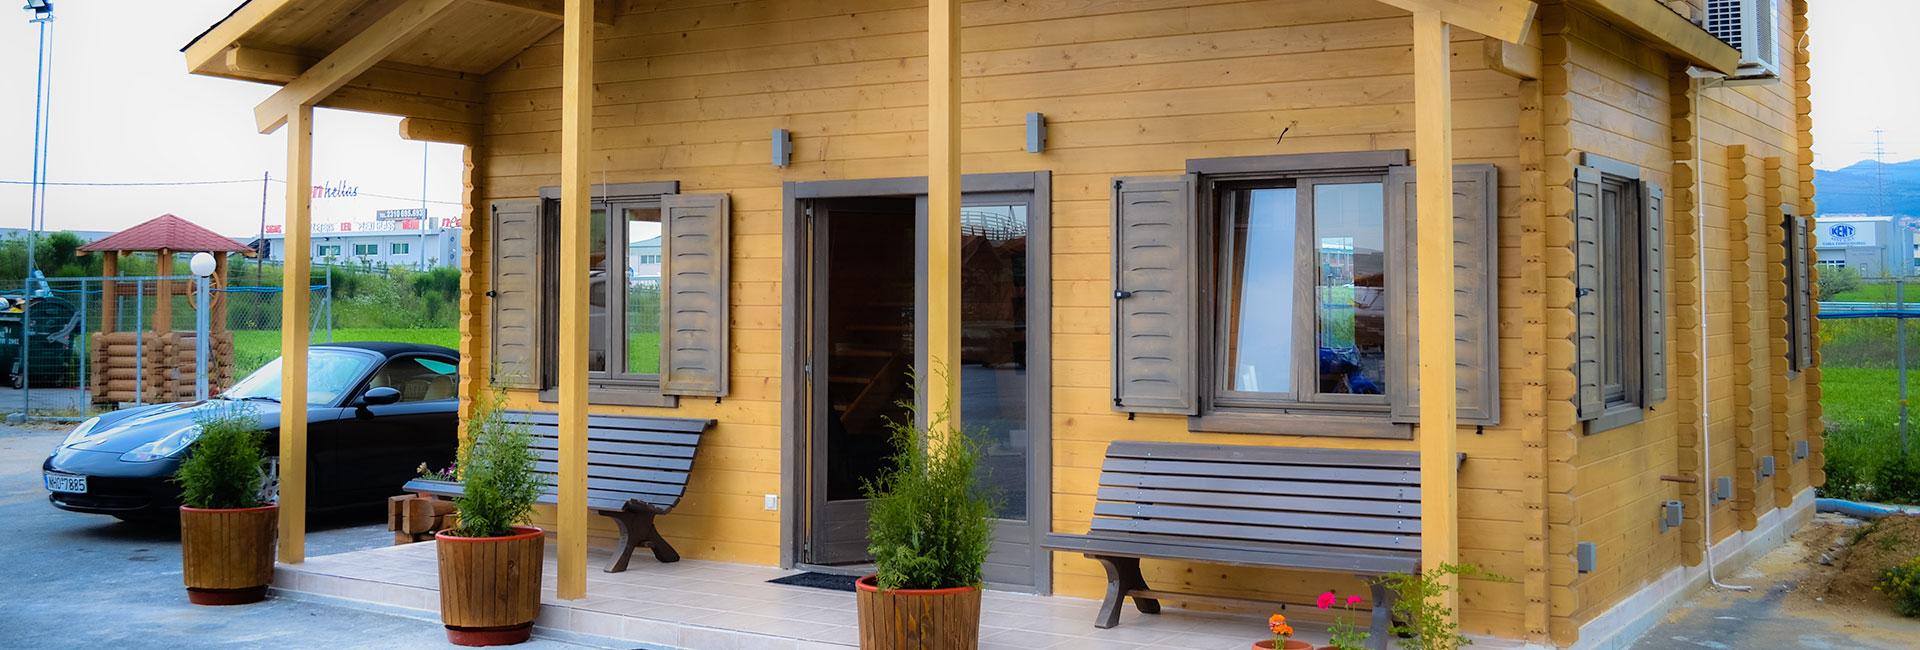 Ξύλινες Κατοικίες - Προκάτ Σπίτια Ήπειρος - Γεώργιος Χρυσοστόμου & Υιοί